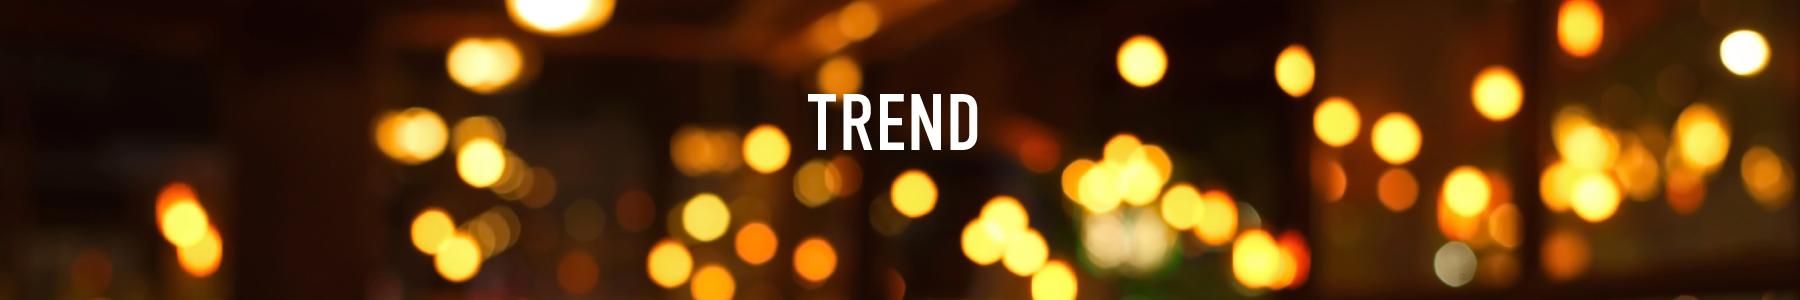 Pc trend